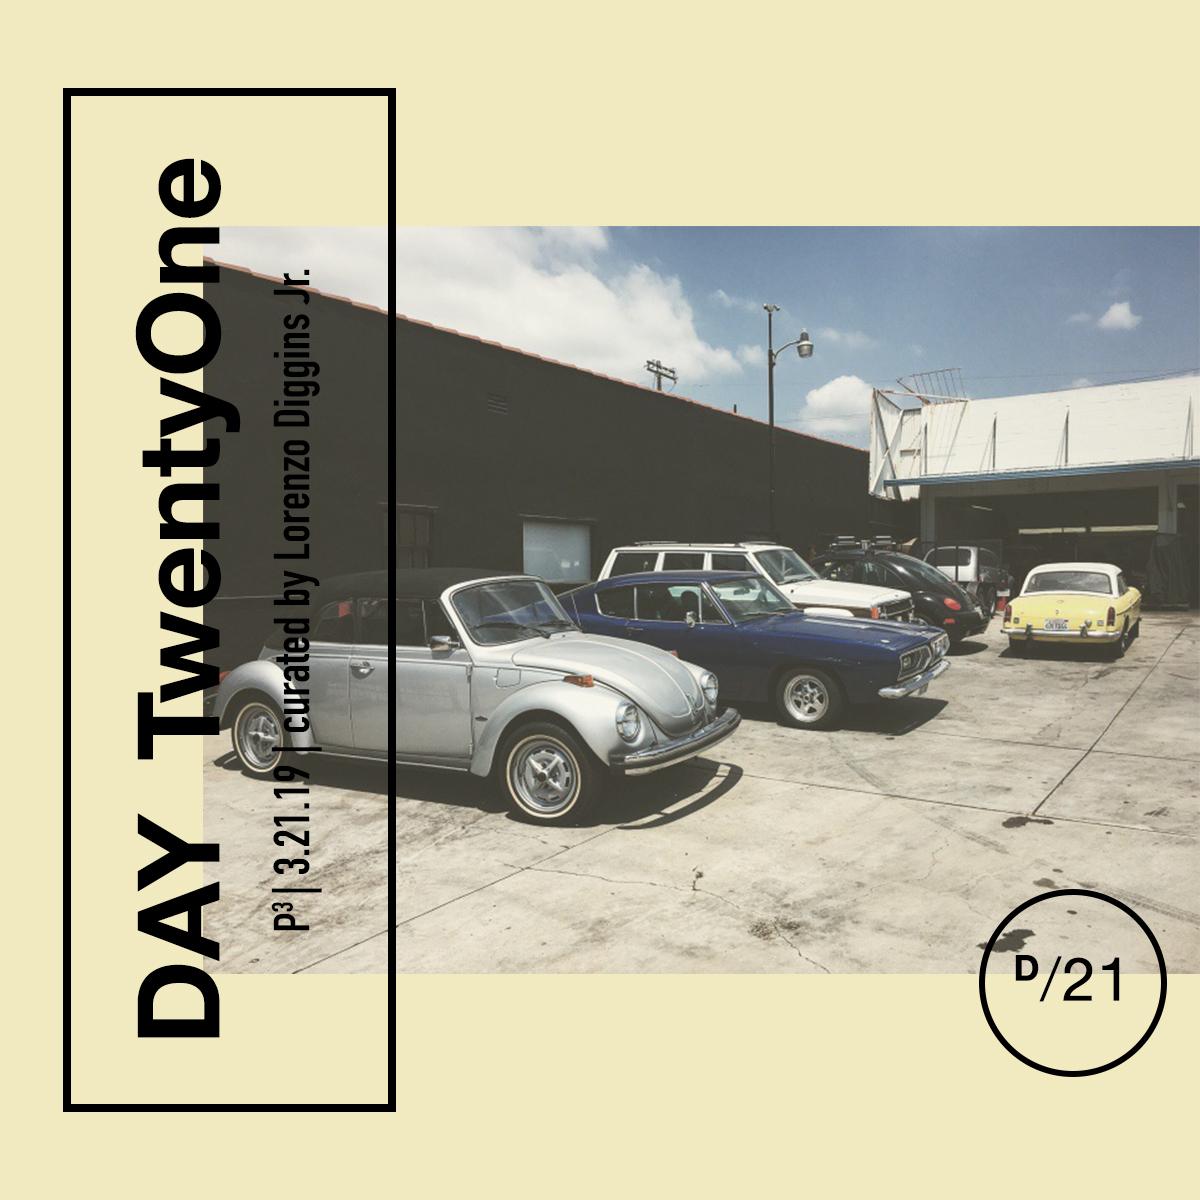 Day21byLCD_3.jpg